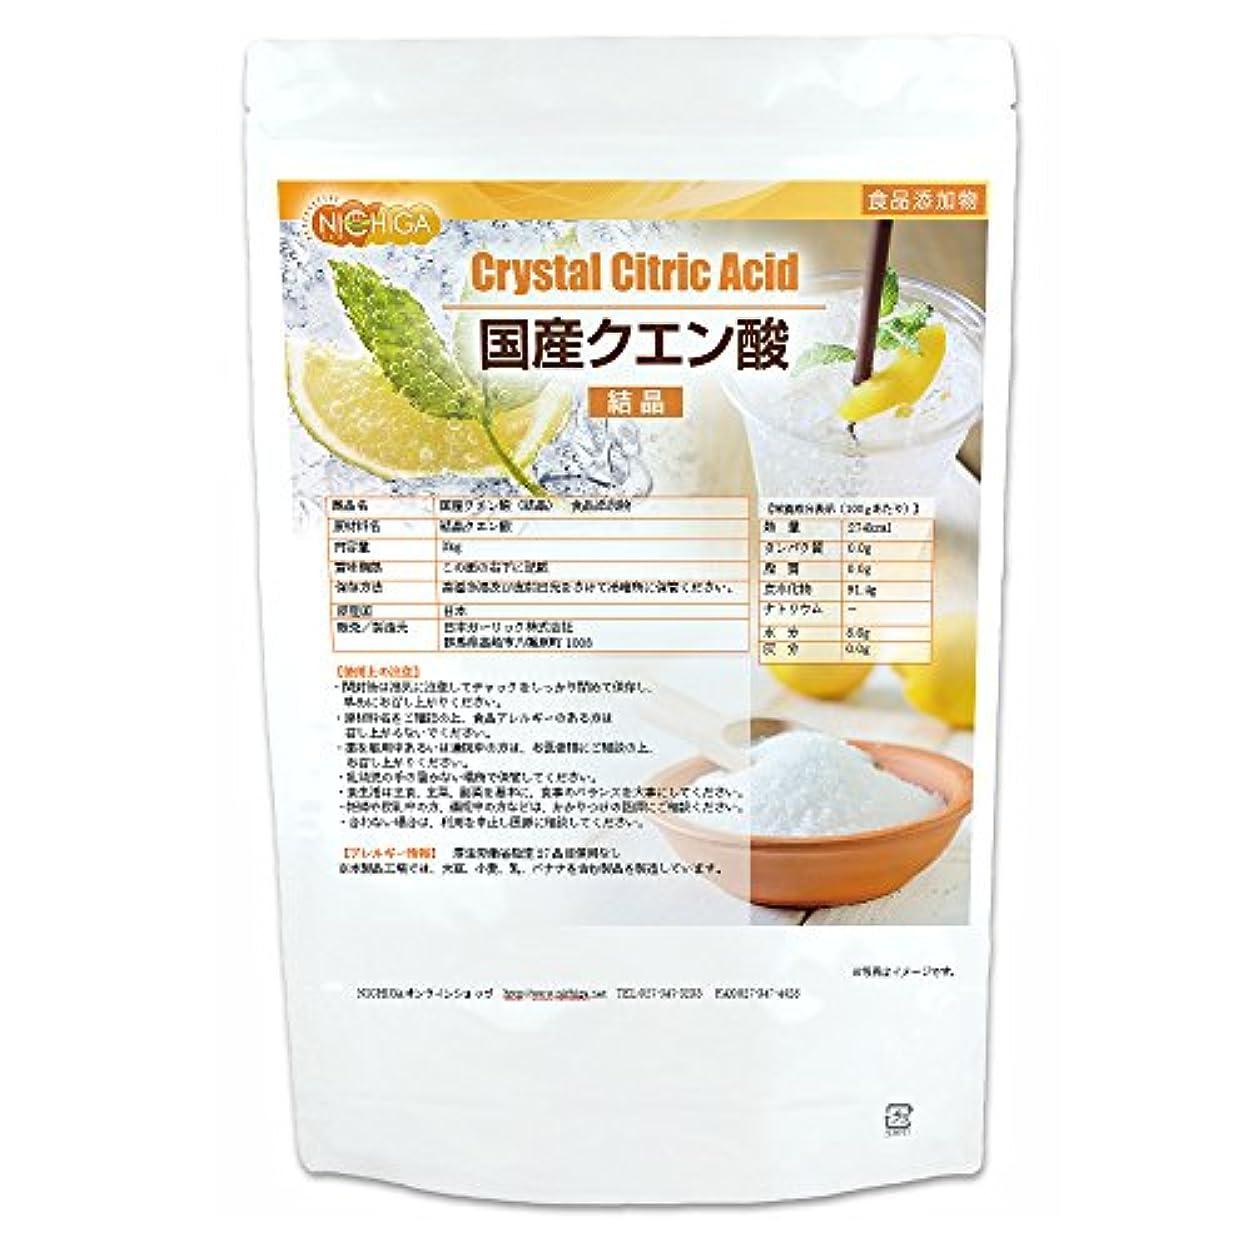 予感種をまく能力国産クエン酸(結晶)3kg 食品添加物(食用) [02] 鹿児島県で製造される、国内製造のクエン酸 NICHIGA(ニチガ)